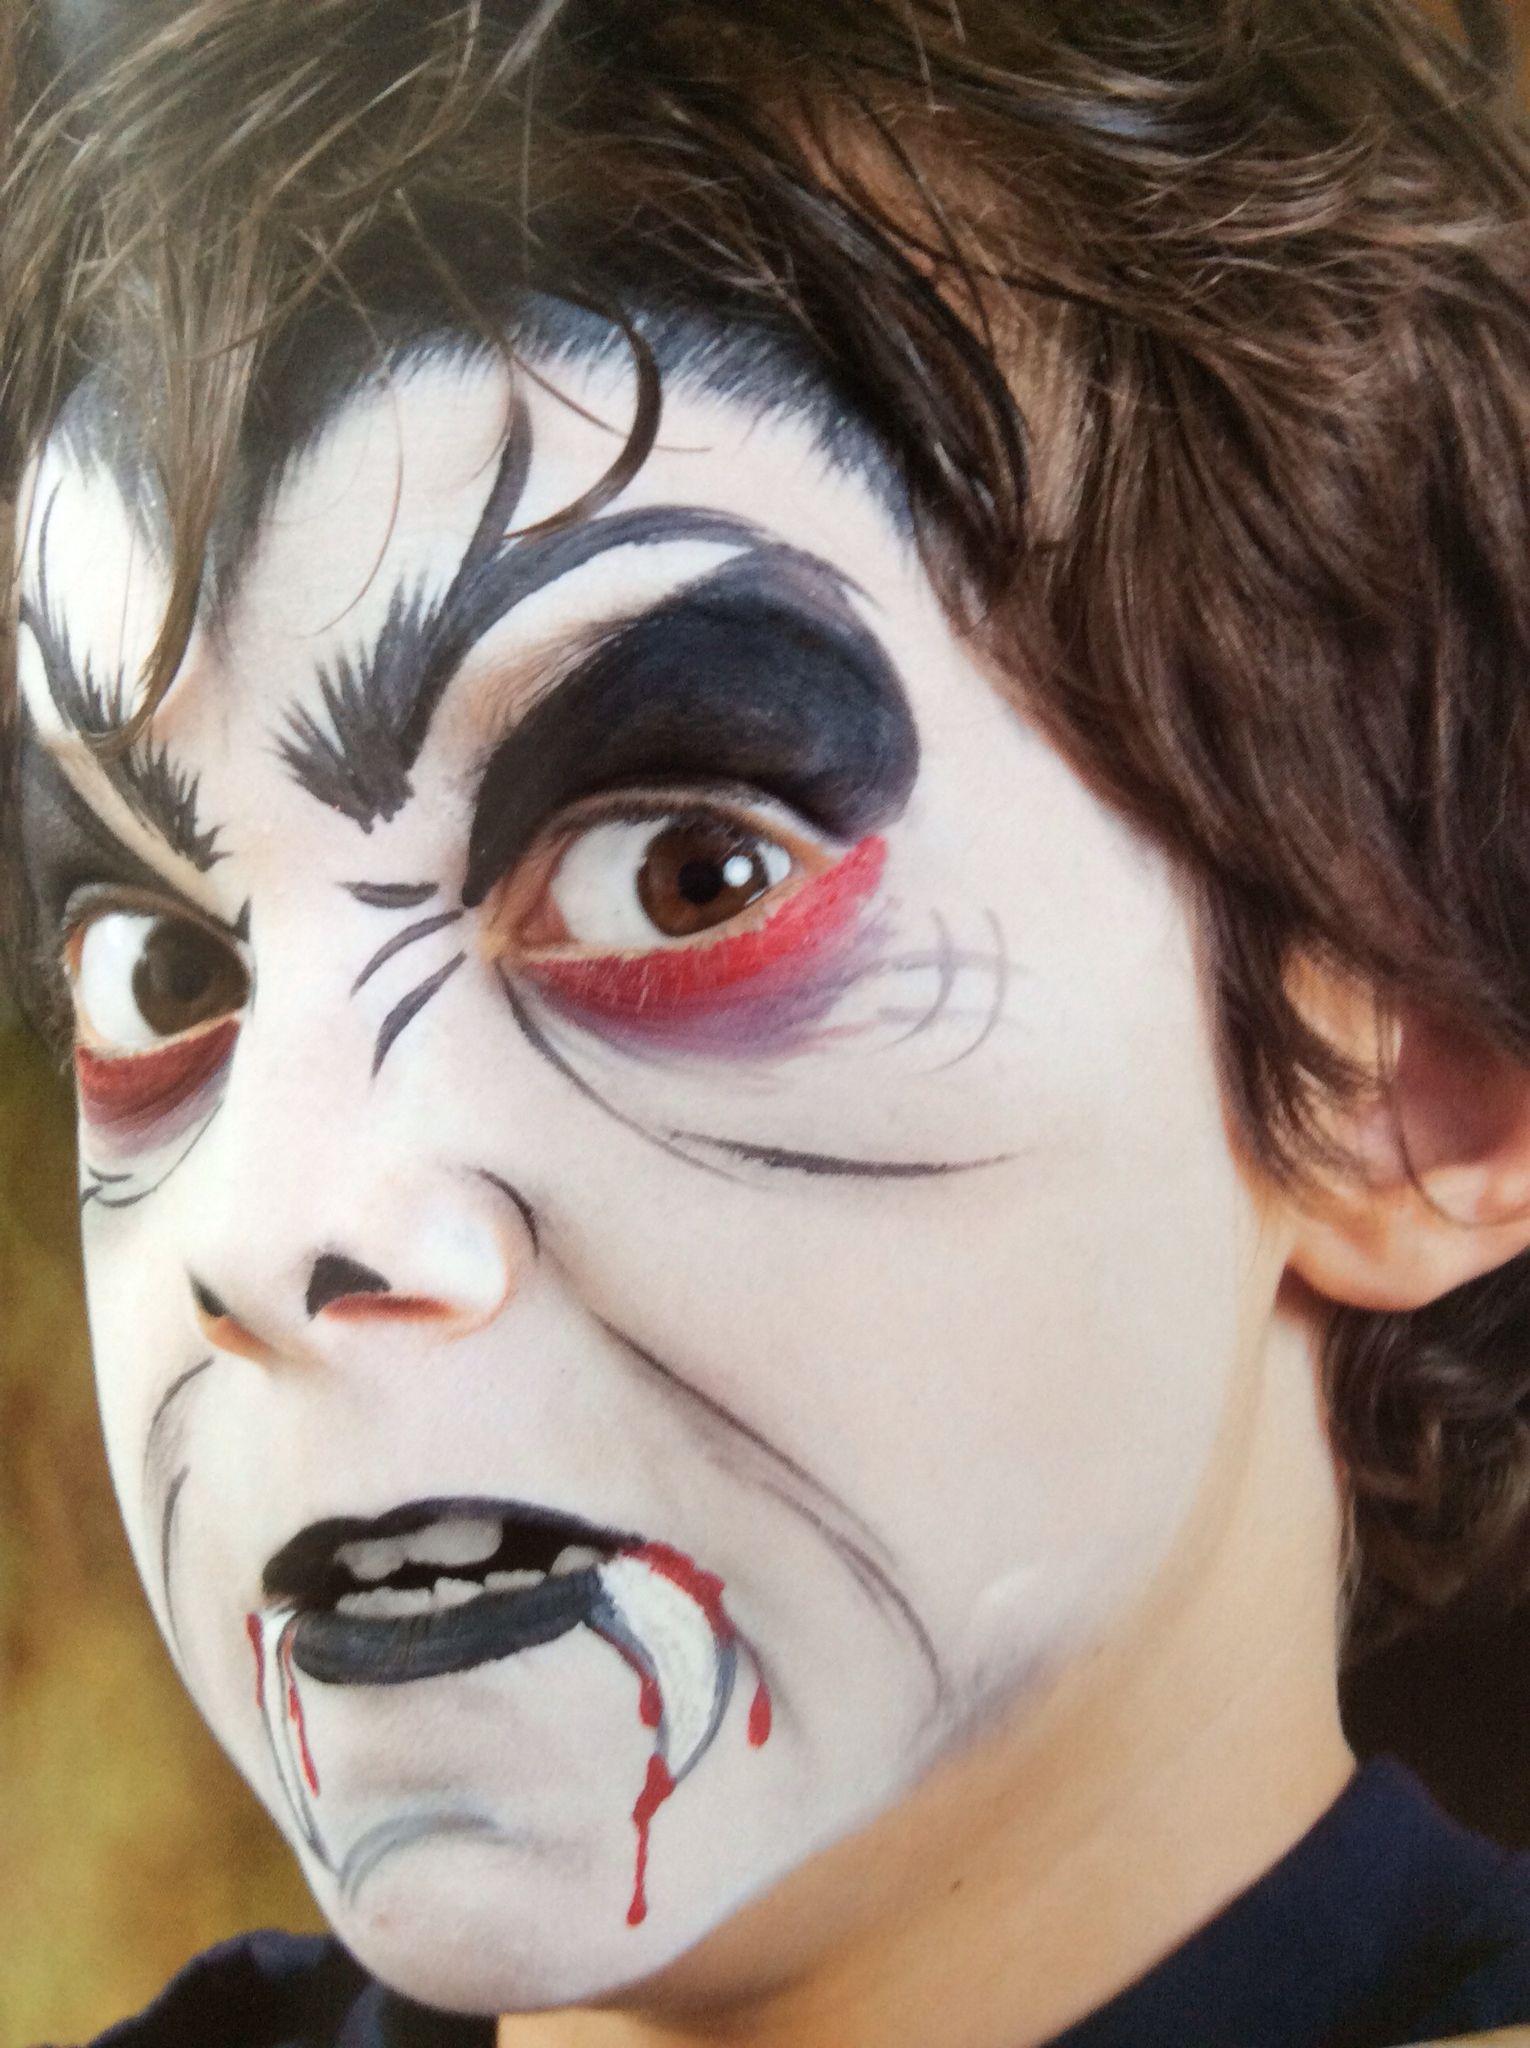 Uncategorized Dracula Face Painting dracula schmink facepainting pinterest face paintface